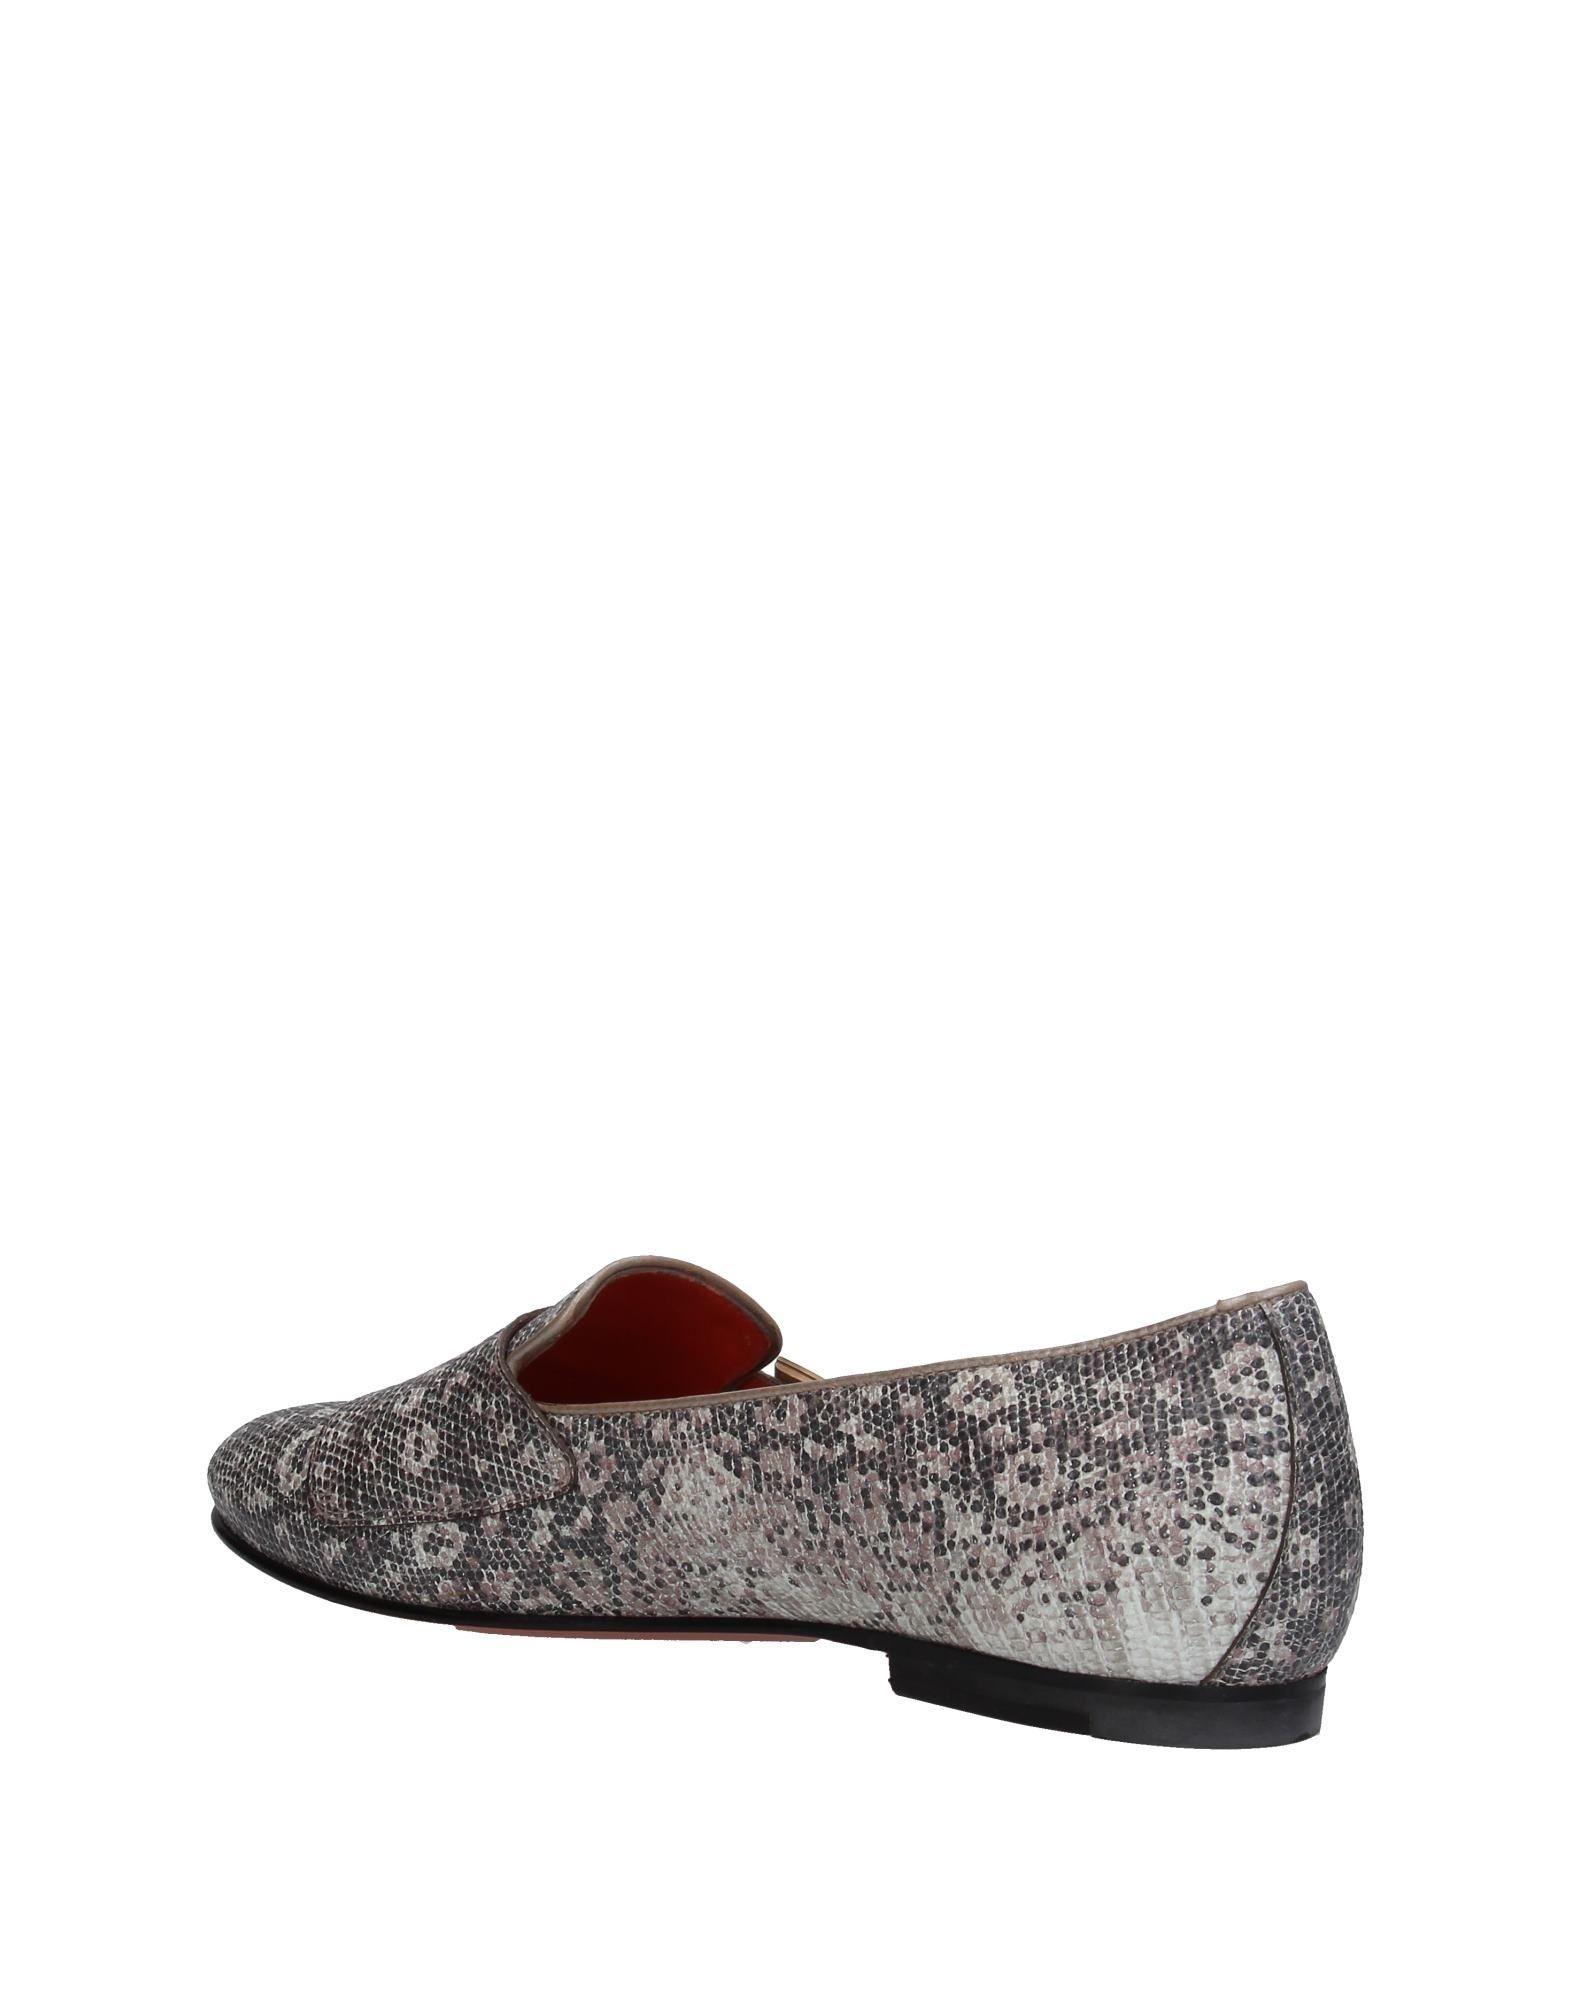 Santoni Mokassins Damen  11388424VSGut aussehende strapazierfähige Schuhe